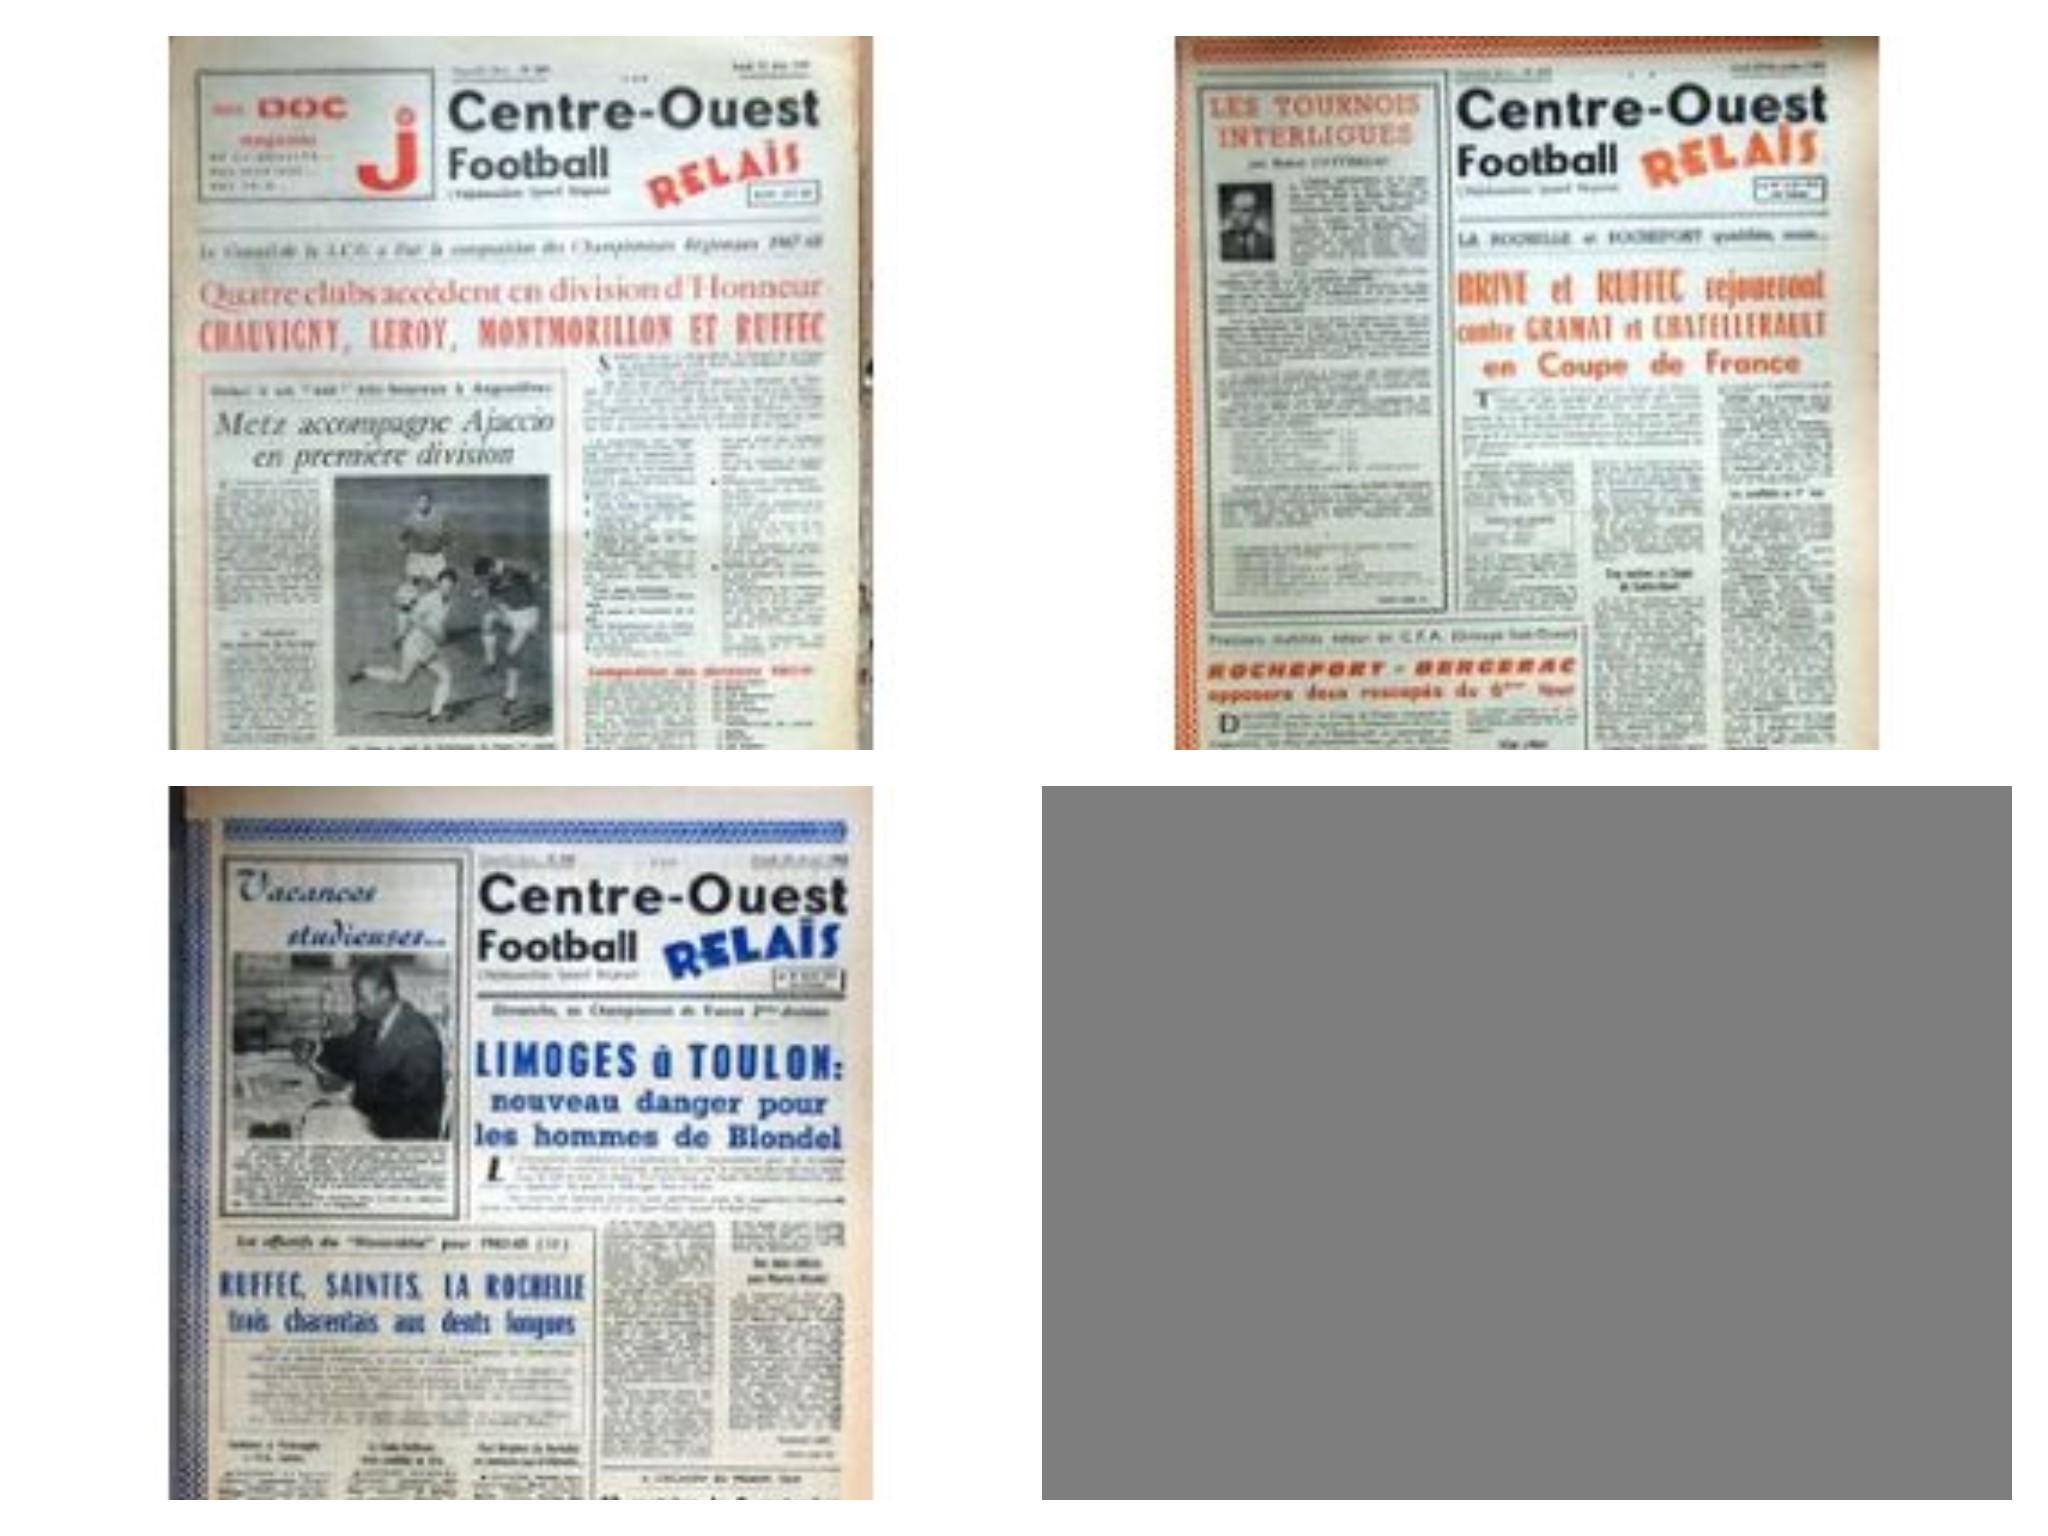 ARCHIVE DE 1957 0 1963 TROISIEME PAGE..jpg